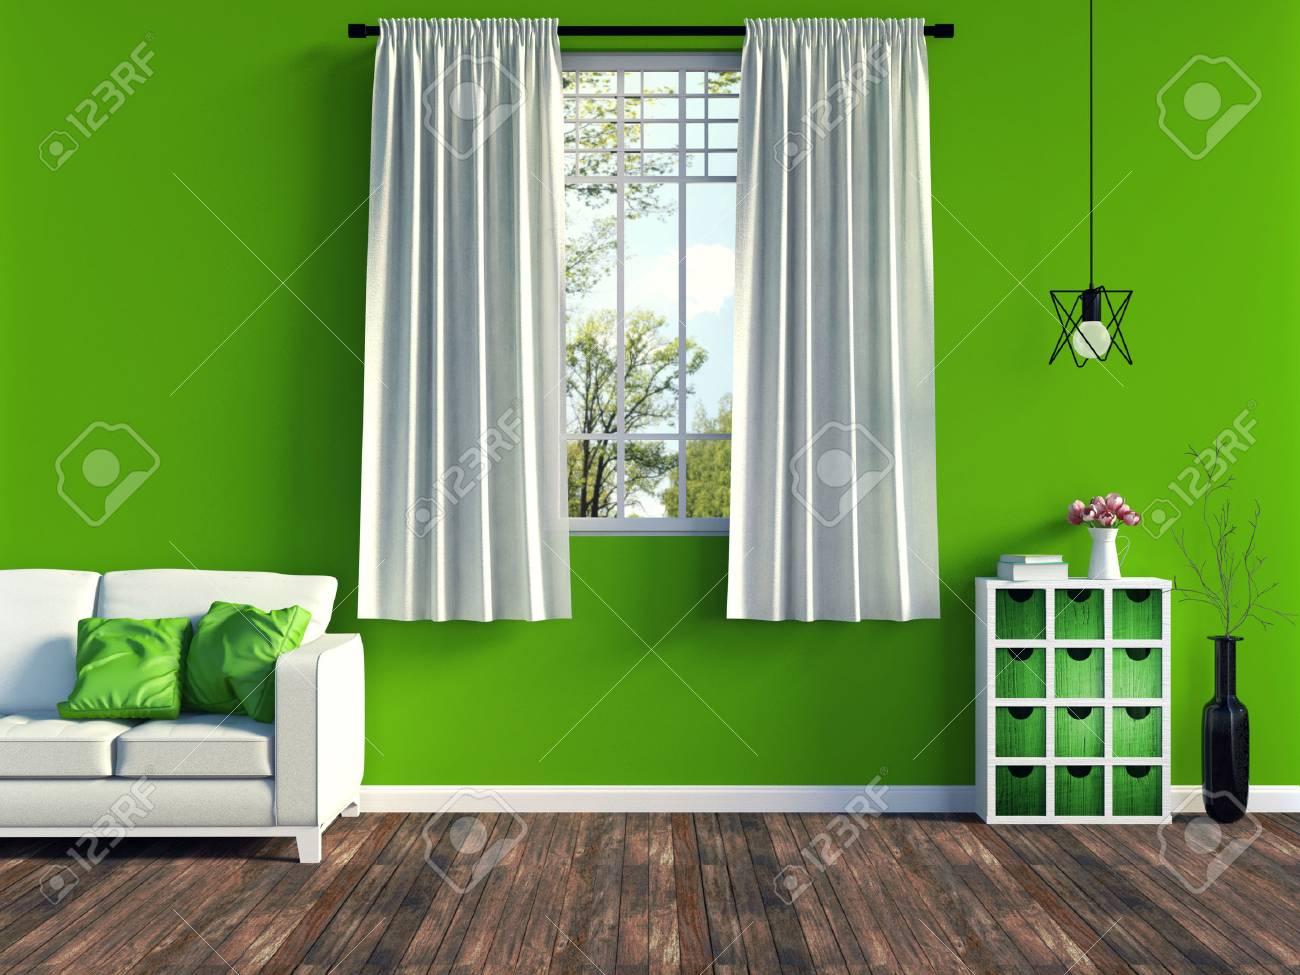 Salotto Moderno Verde : Moderno salotto verde con divano bianco e mobili e vecchie